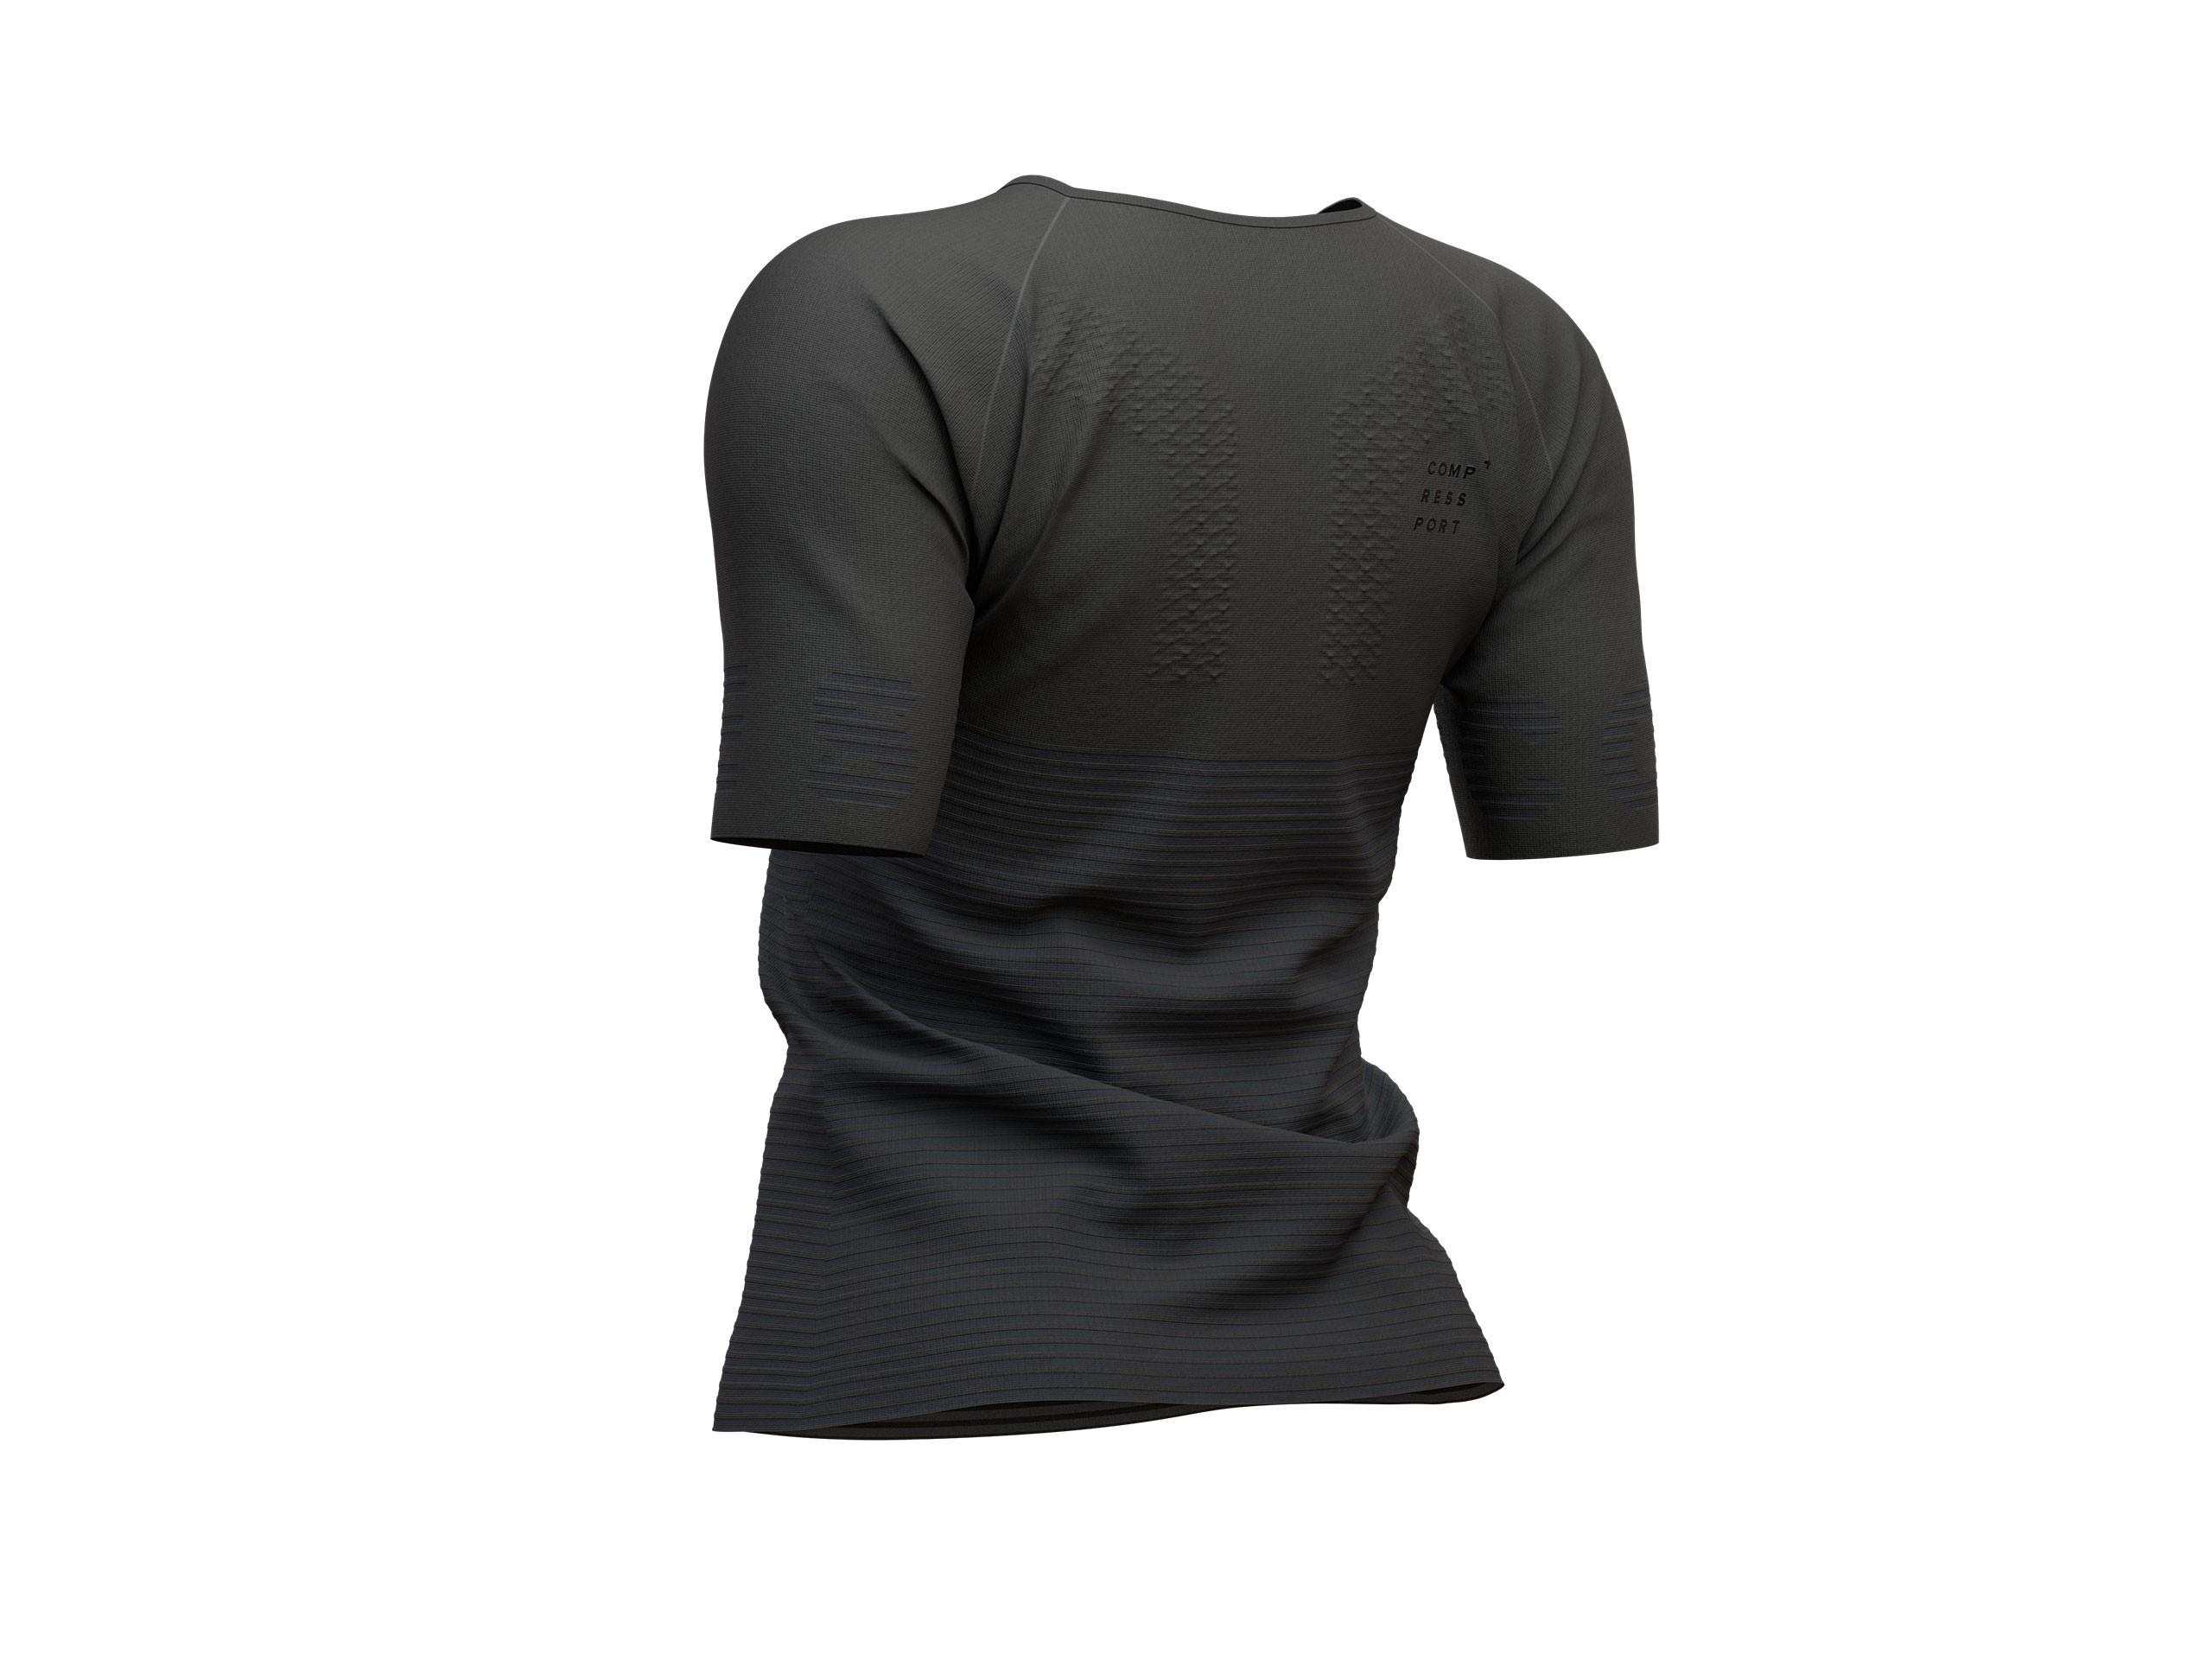 Camiseta de entrenamiento MC M - Black Edition 2019